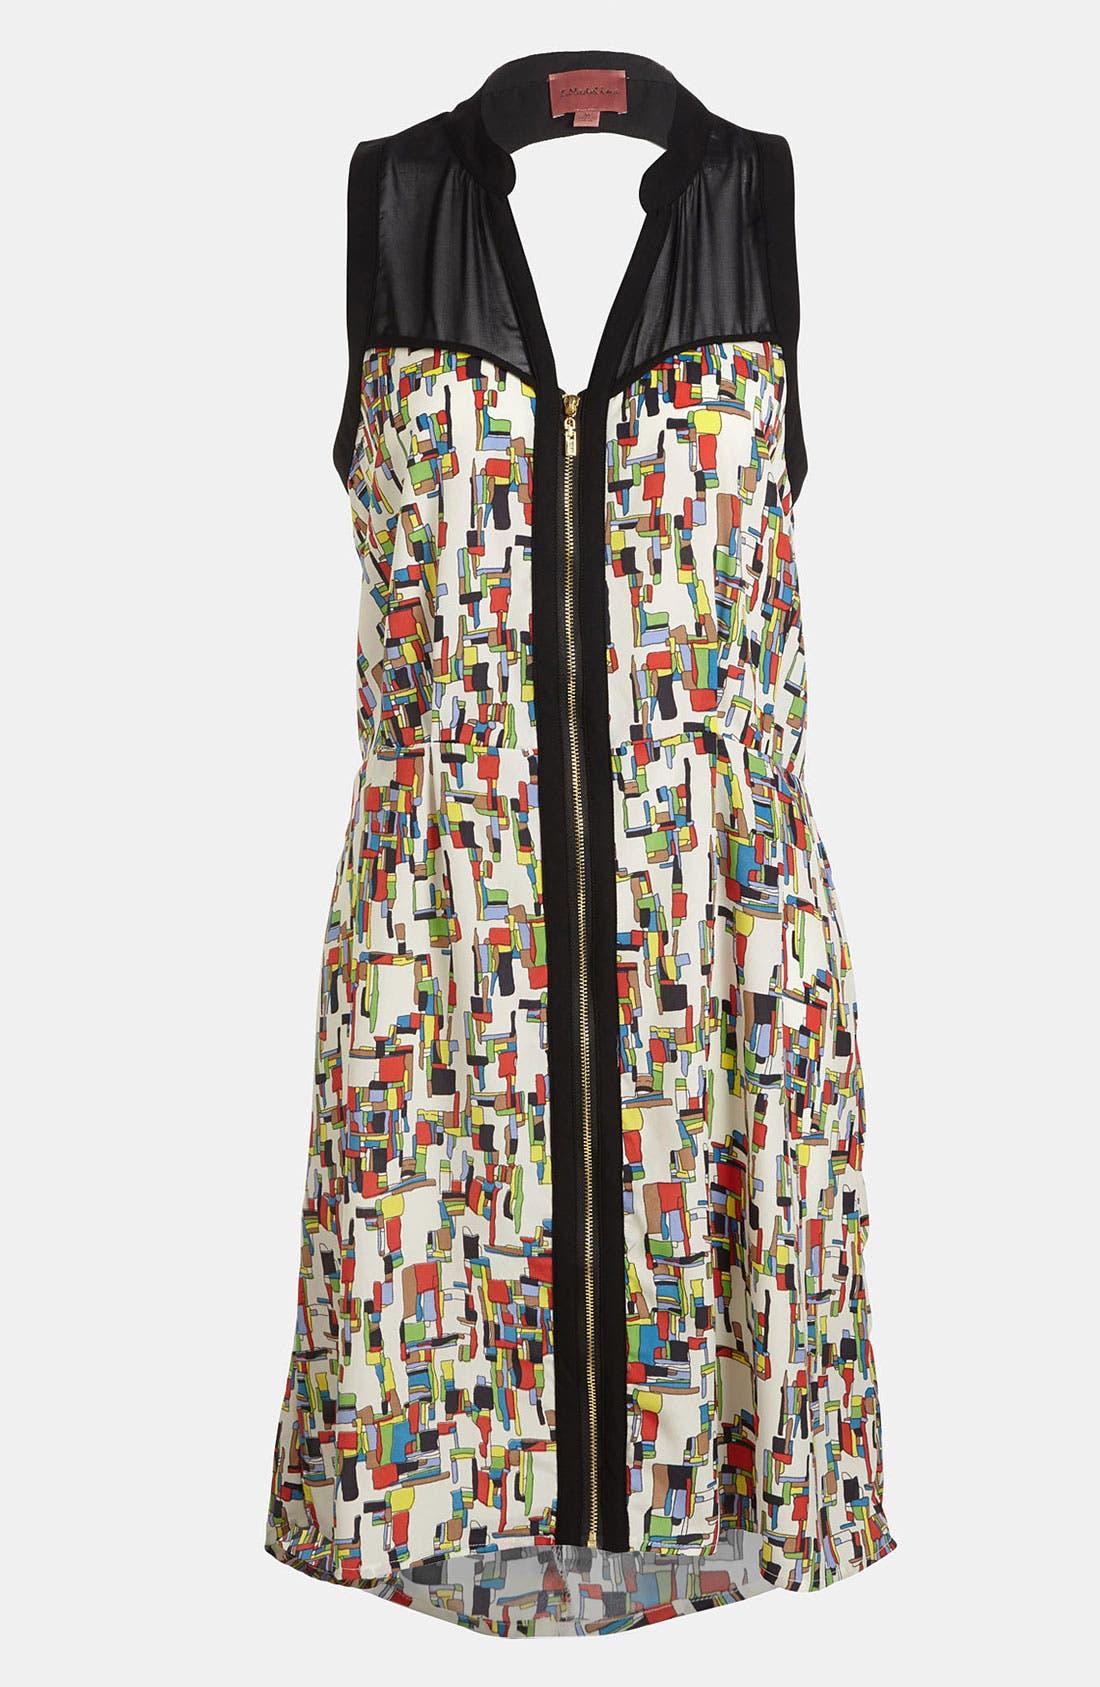 Alternate Image 1 Selected - I.Madeline Zip Front Print Dress